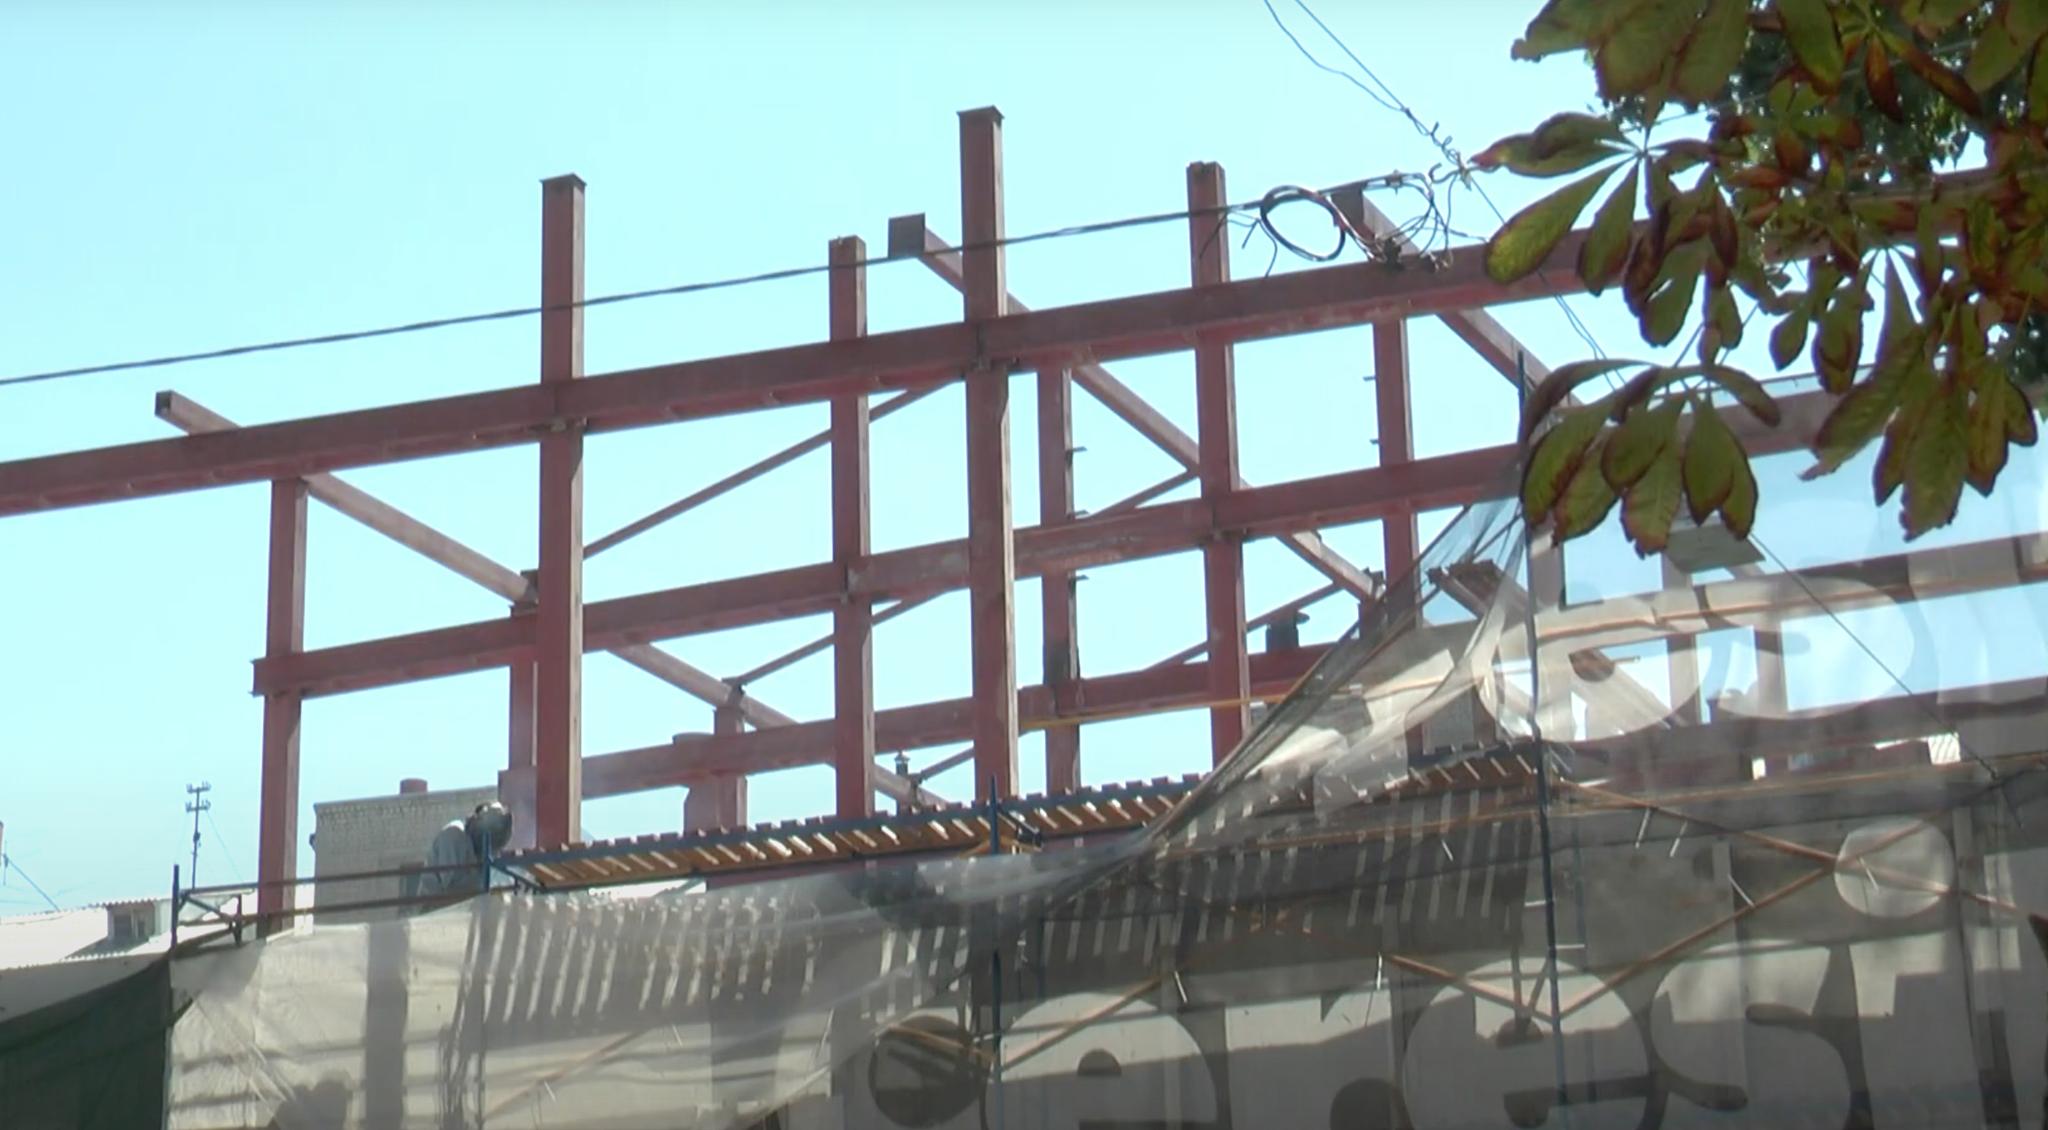 Прокуратура зайнялася реконструкцією пам'ятки архітектури у Харкові (фото)